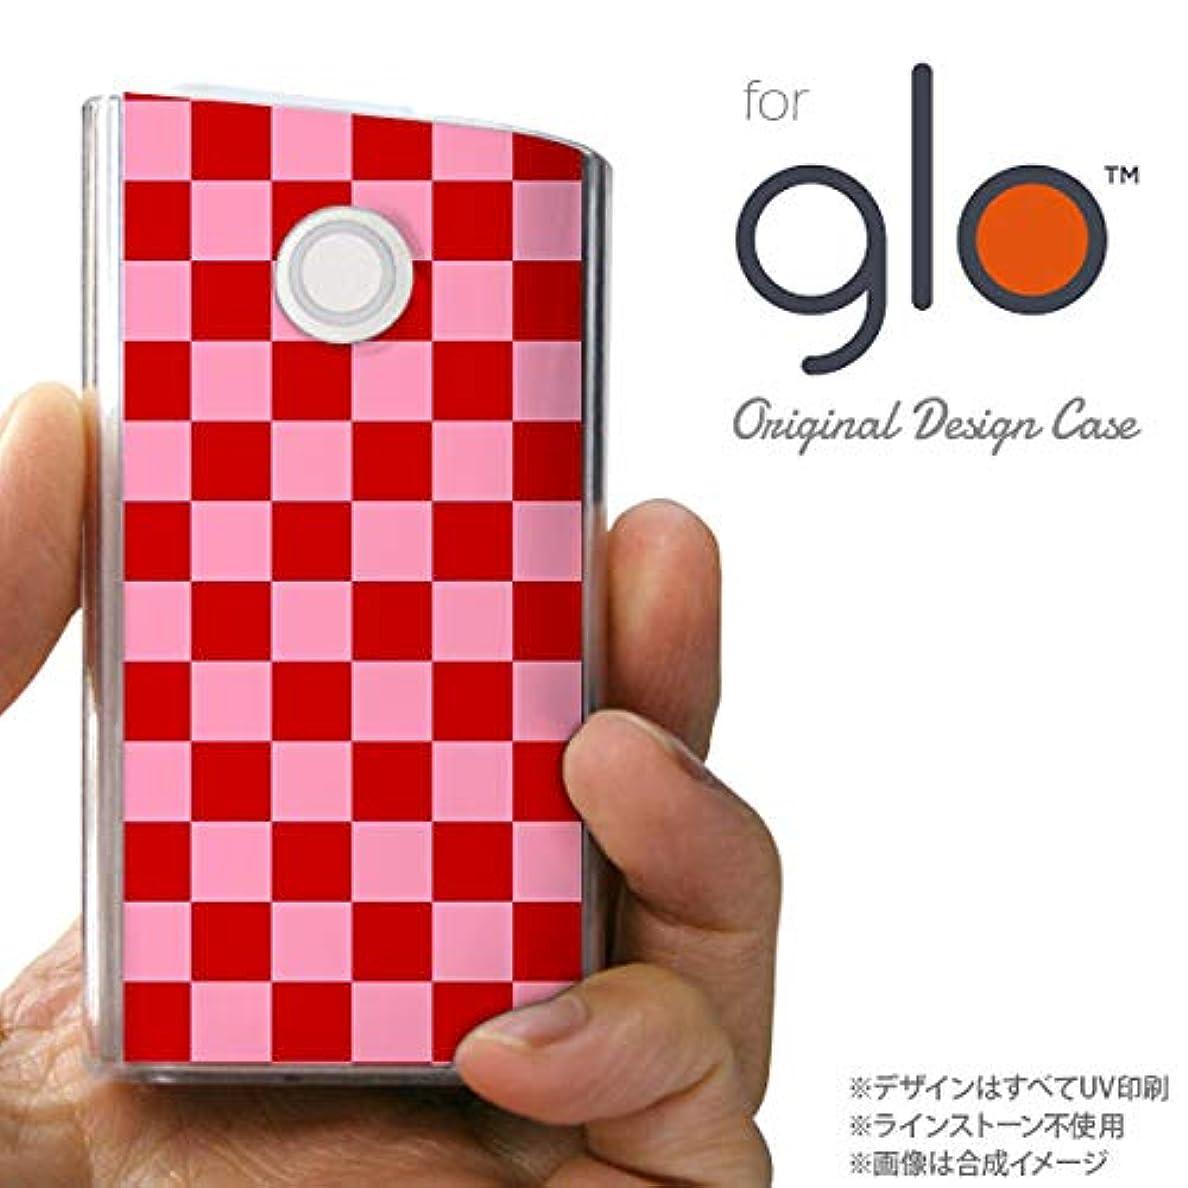 巻き取り細菌コンサートglo グローケース カバー グロー スクエア 赤×ピンク nk-glo-770